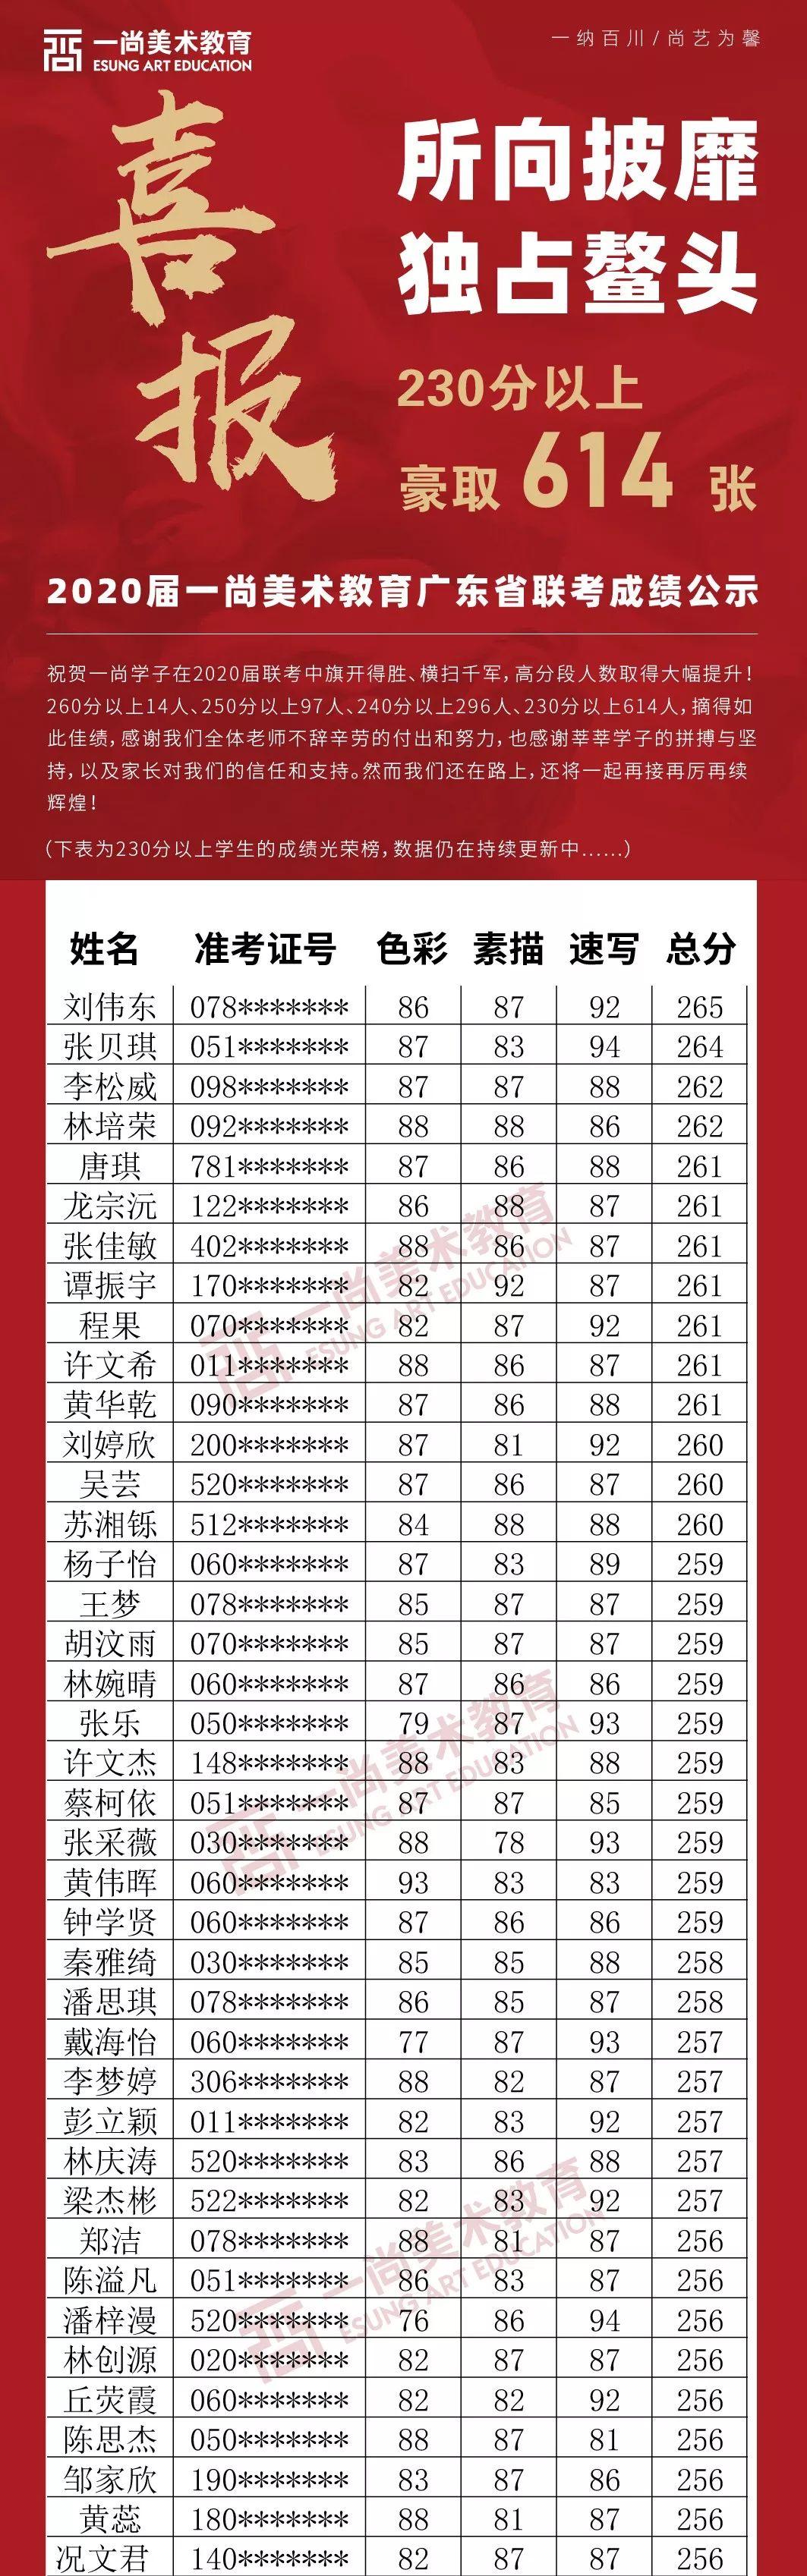 广州度岸画室,广东美术联考,广州美术培训         28